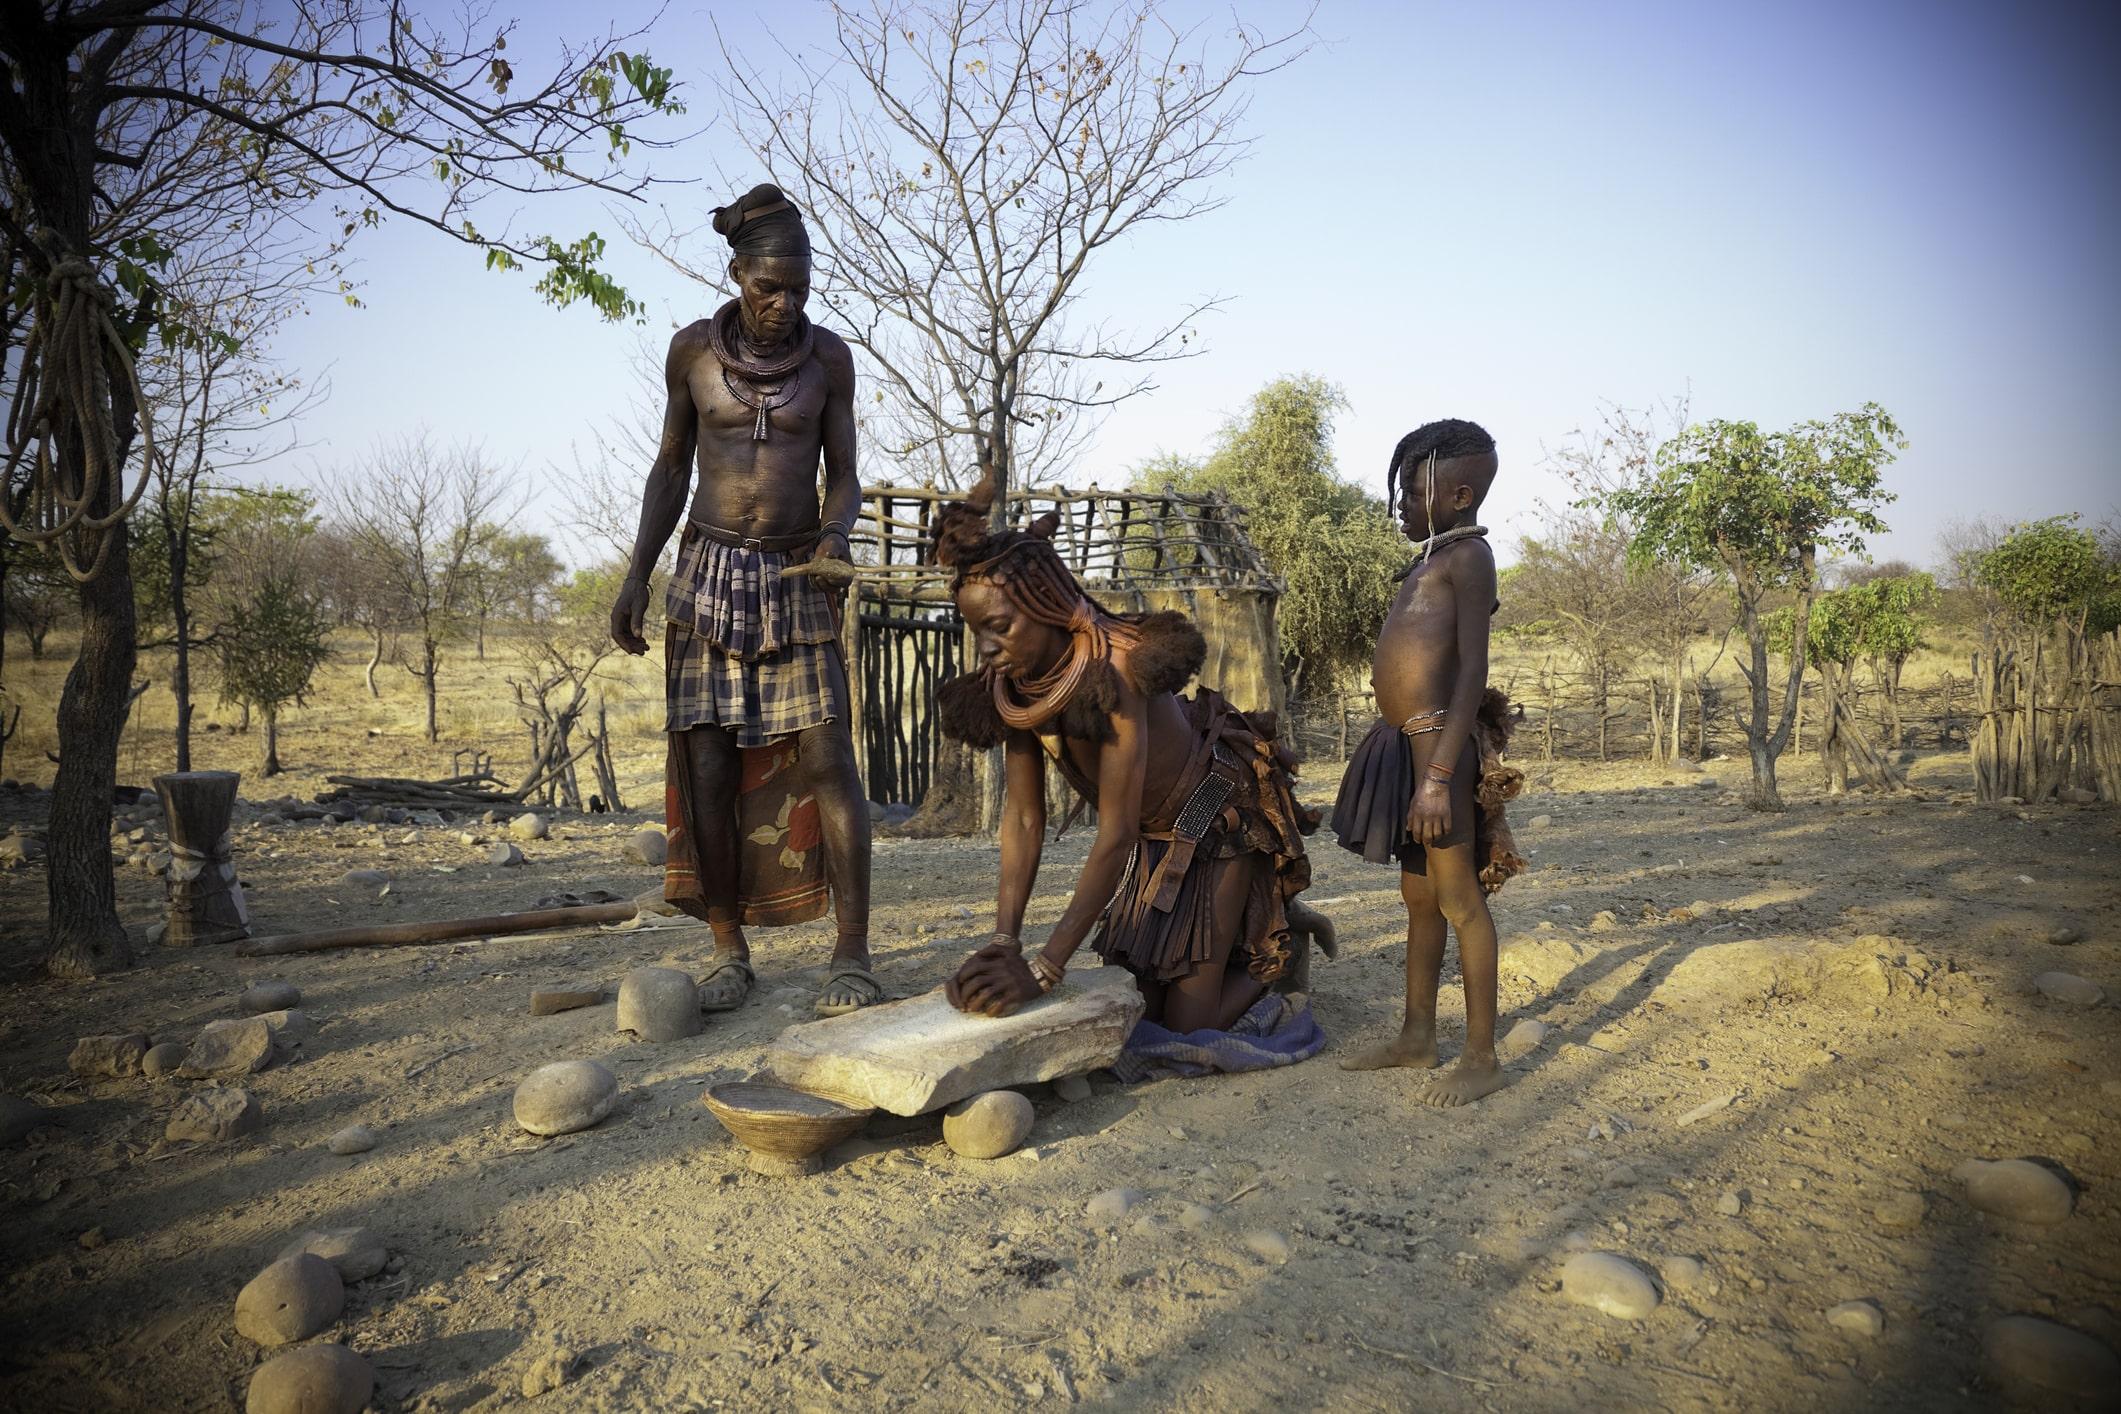 Die Himba in Namibia pflegen ihre Traditionen bis heute.